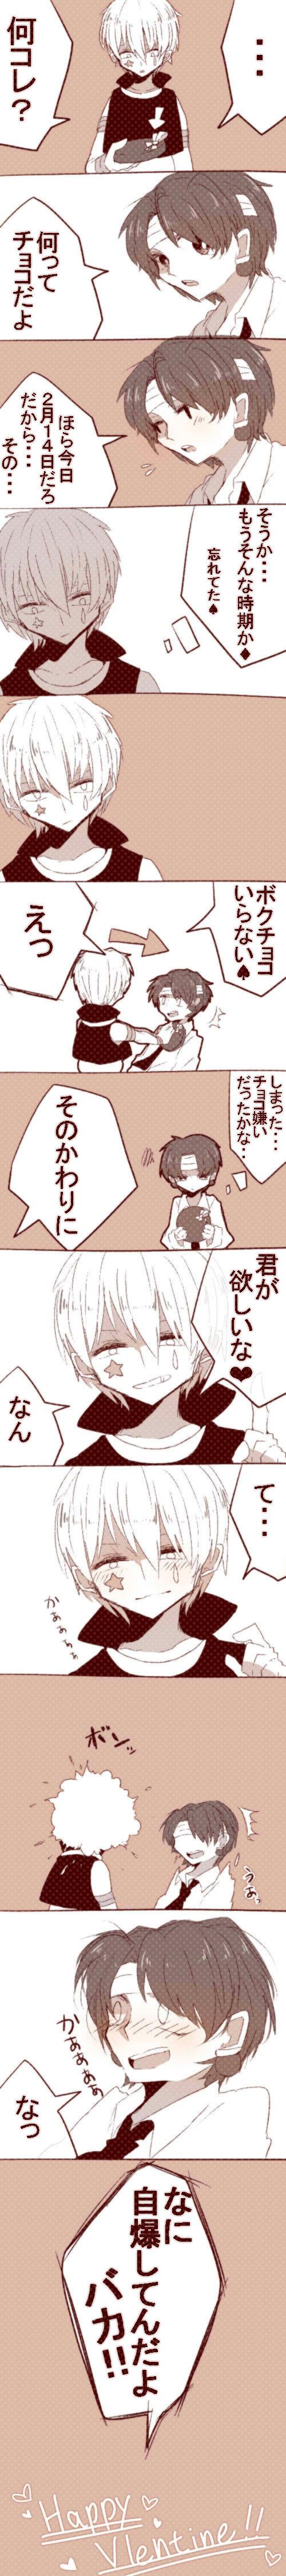 はっぴーバレンタイン